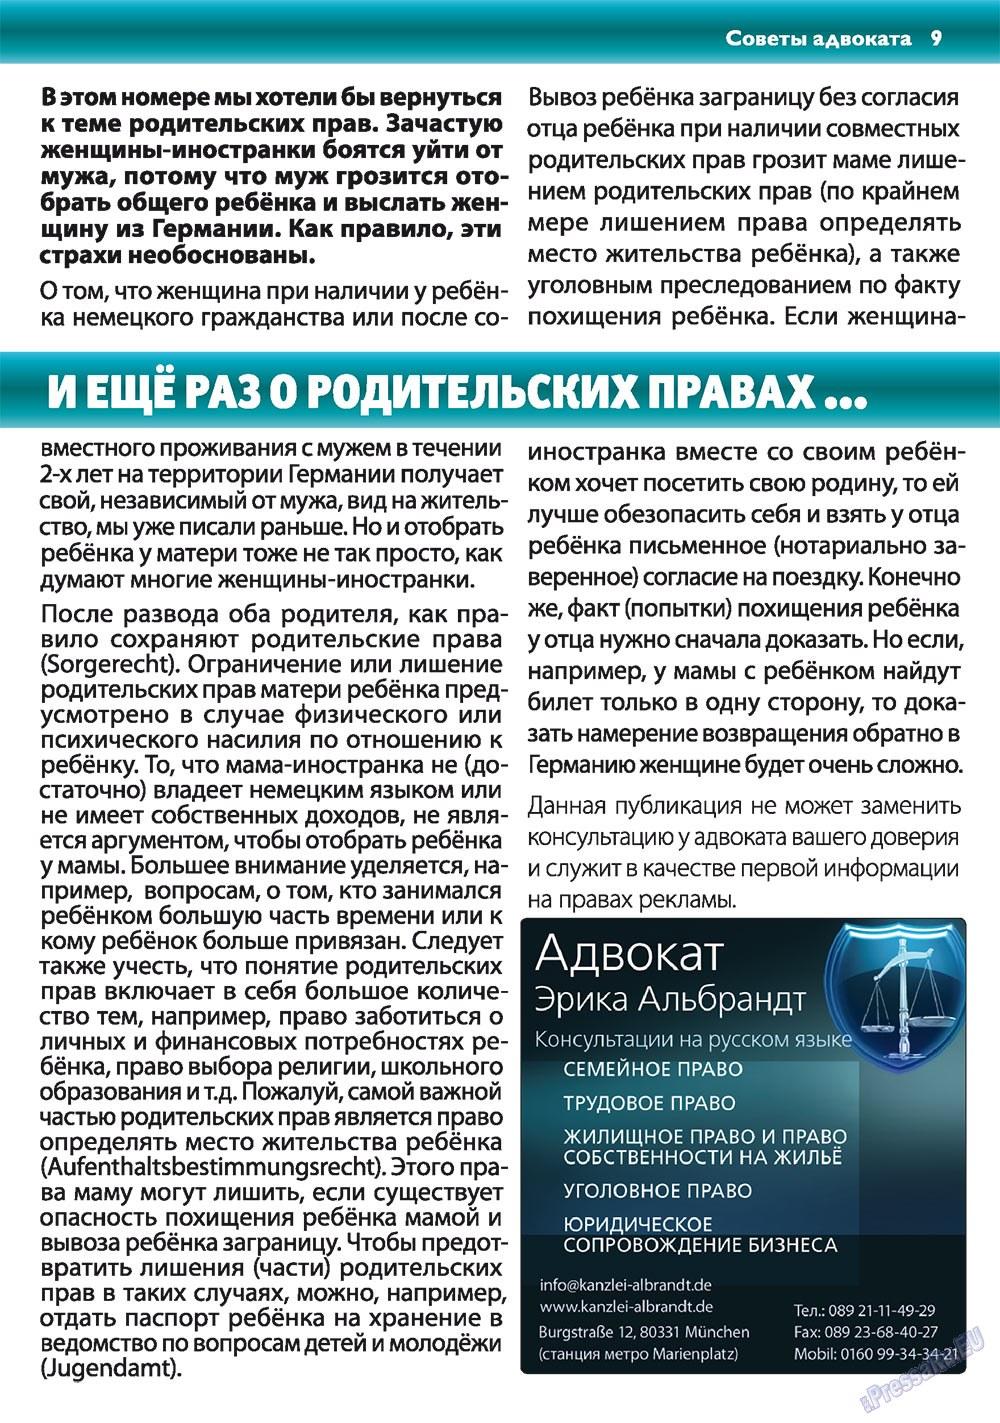 Апельсин (журнал). 2011 год, номер 19, стр. 9